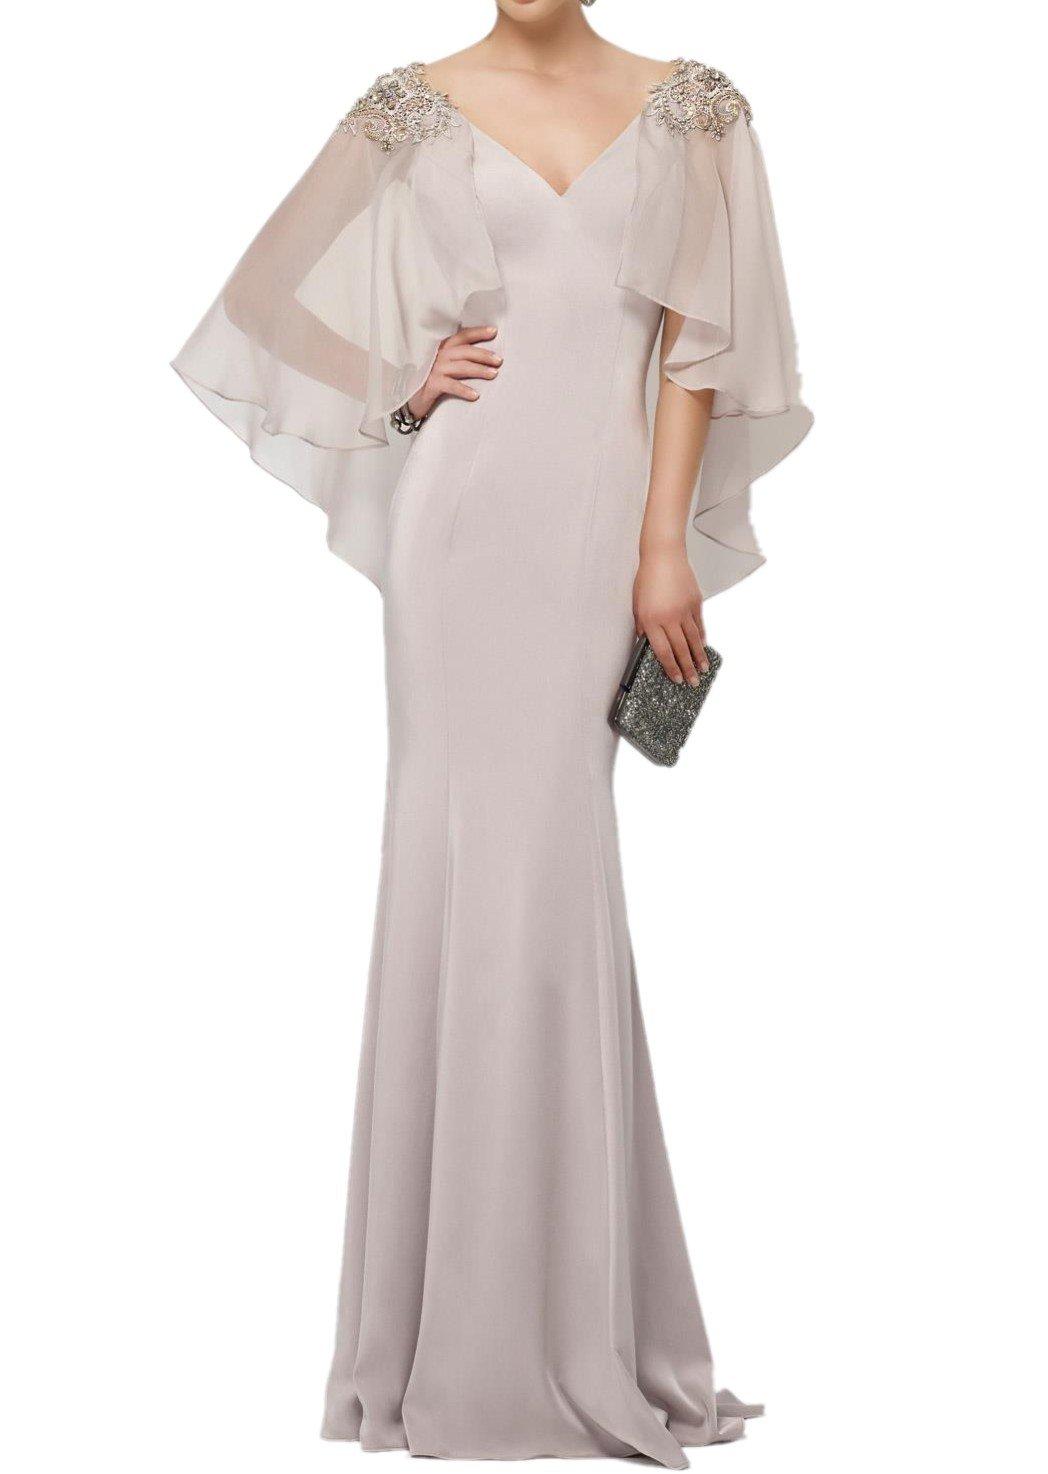 Charmant Damen Hell Silber Elegant Chiffon Meerjungfrau Abendkleider  Ballkleider Festlich Partykleider Lang: Amazon.de: Bekleidung